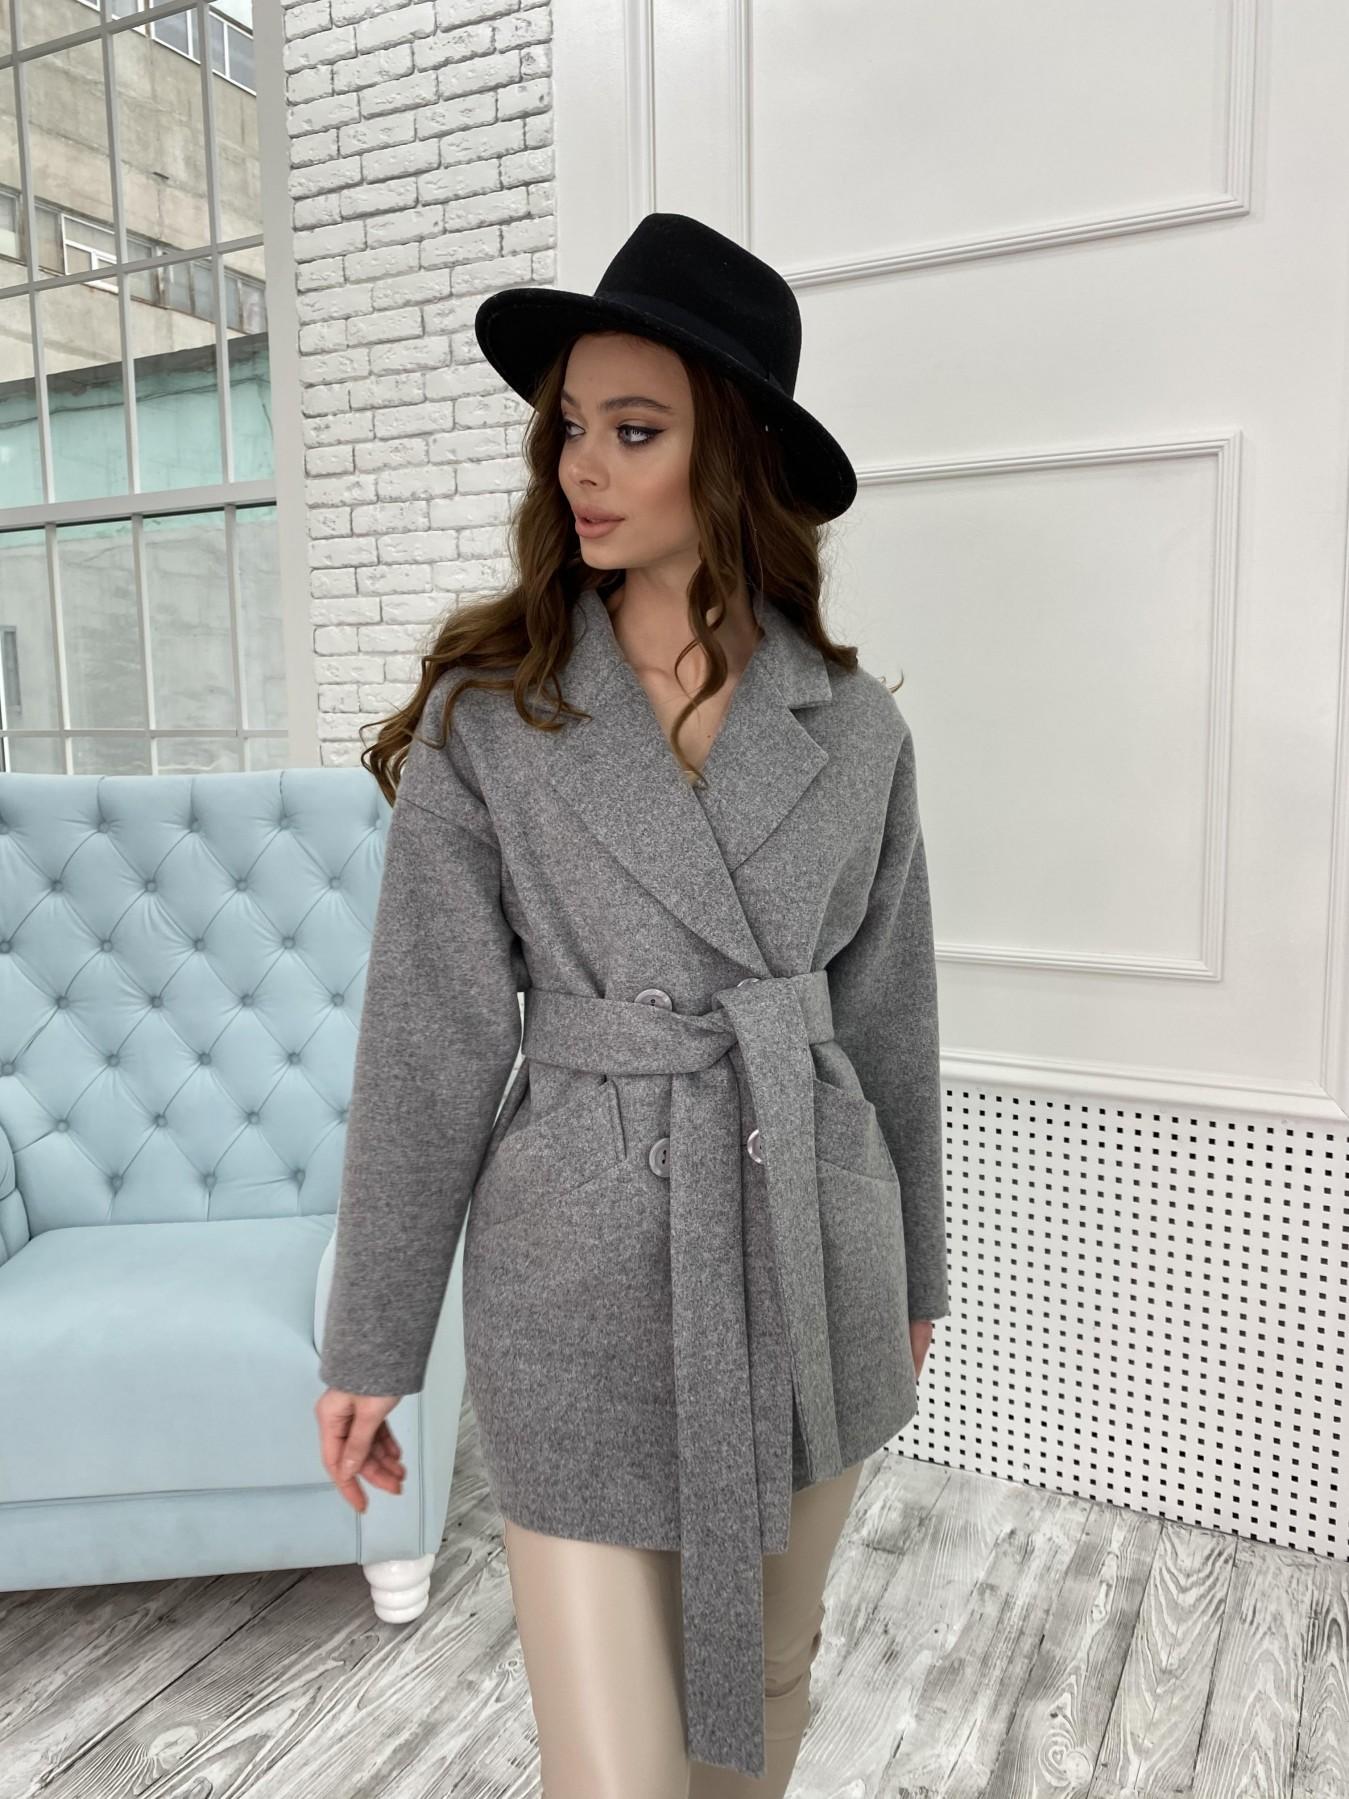 Бонд пальто  кашемировое меланж на трикотаже  10644 АРТ. 47176 Цвет: Серый 1 - фото 6, интернет магазин tm-modus.ru